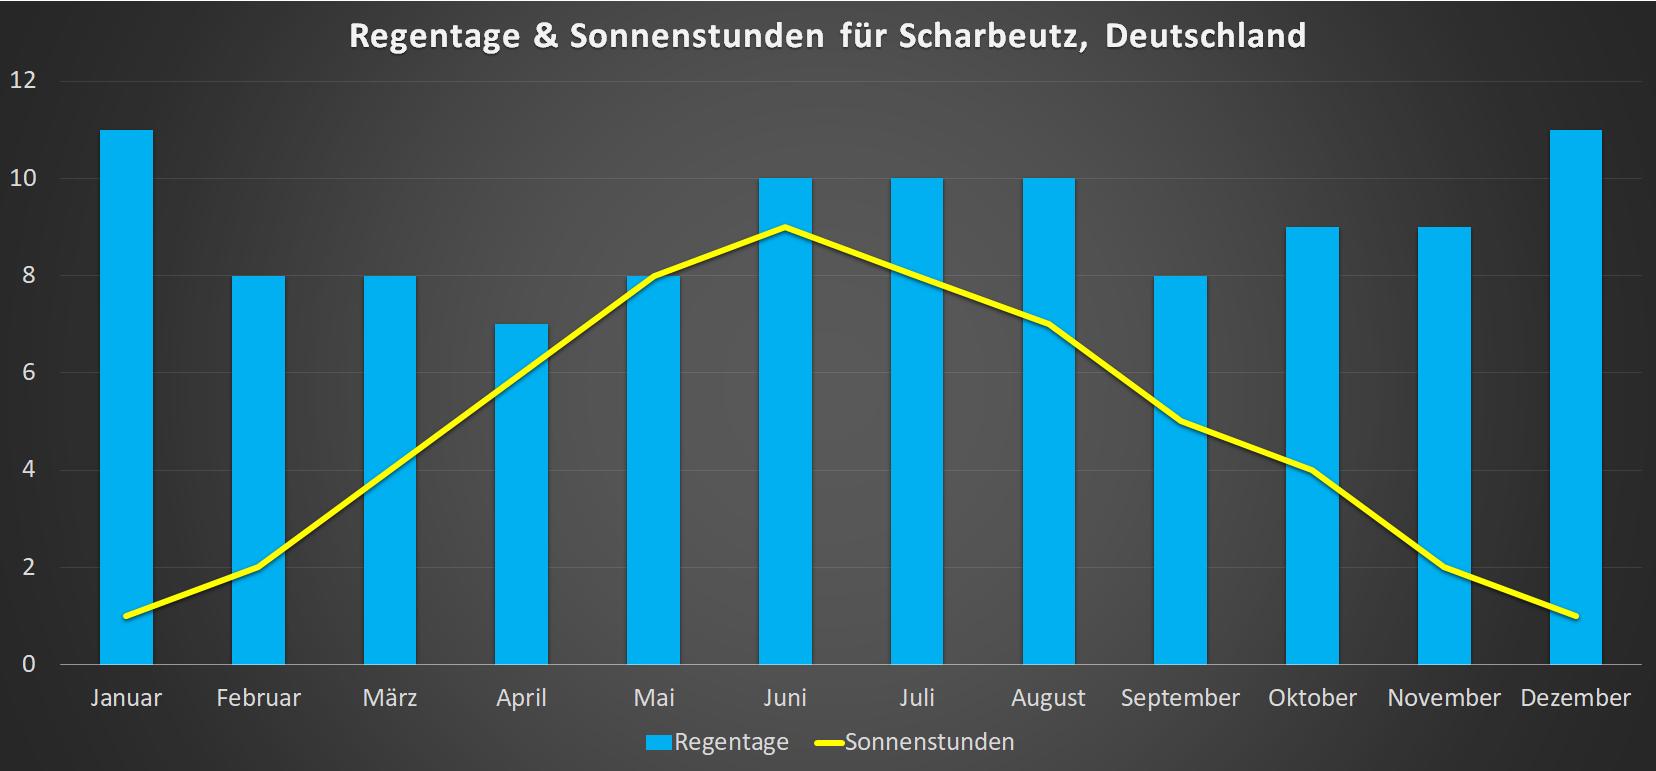 Regentage & Sonnenstunden für Scharbeutz im Jahresverlauf